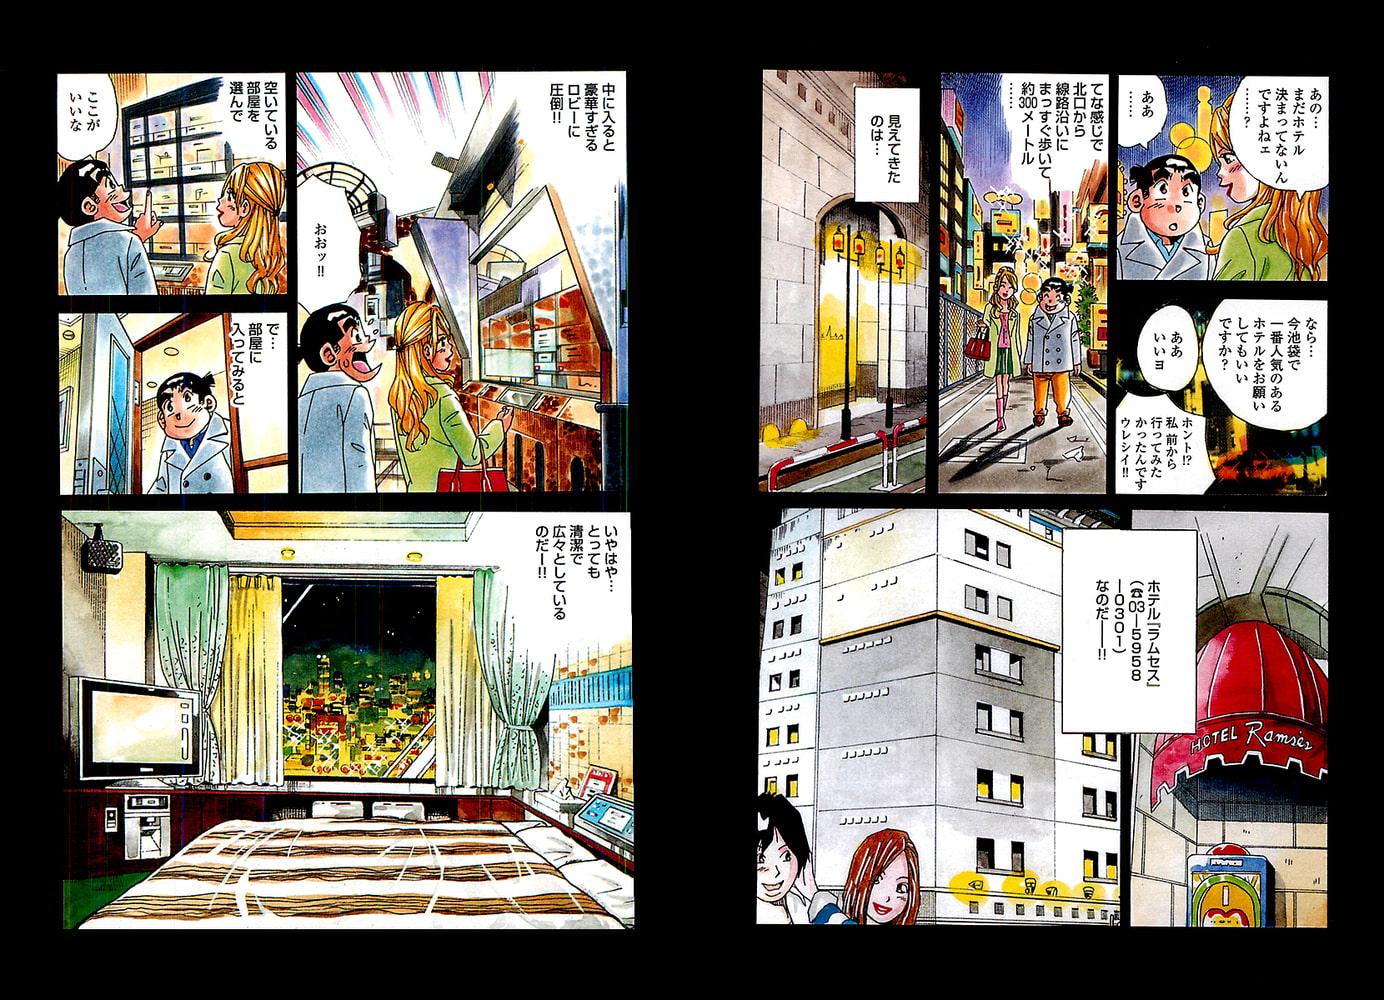 山崎大紀のドドぴゅんコ! 3 完全版